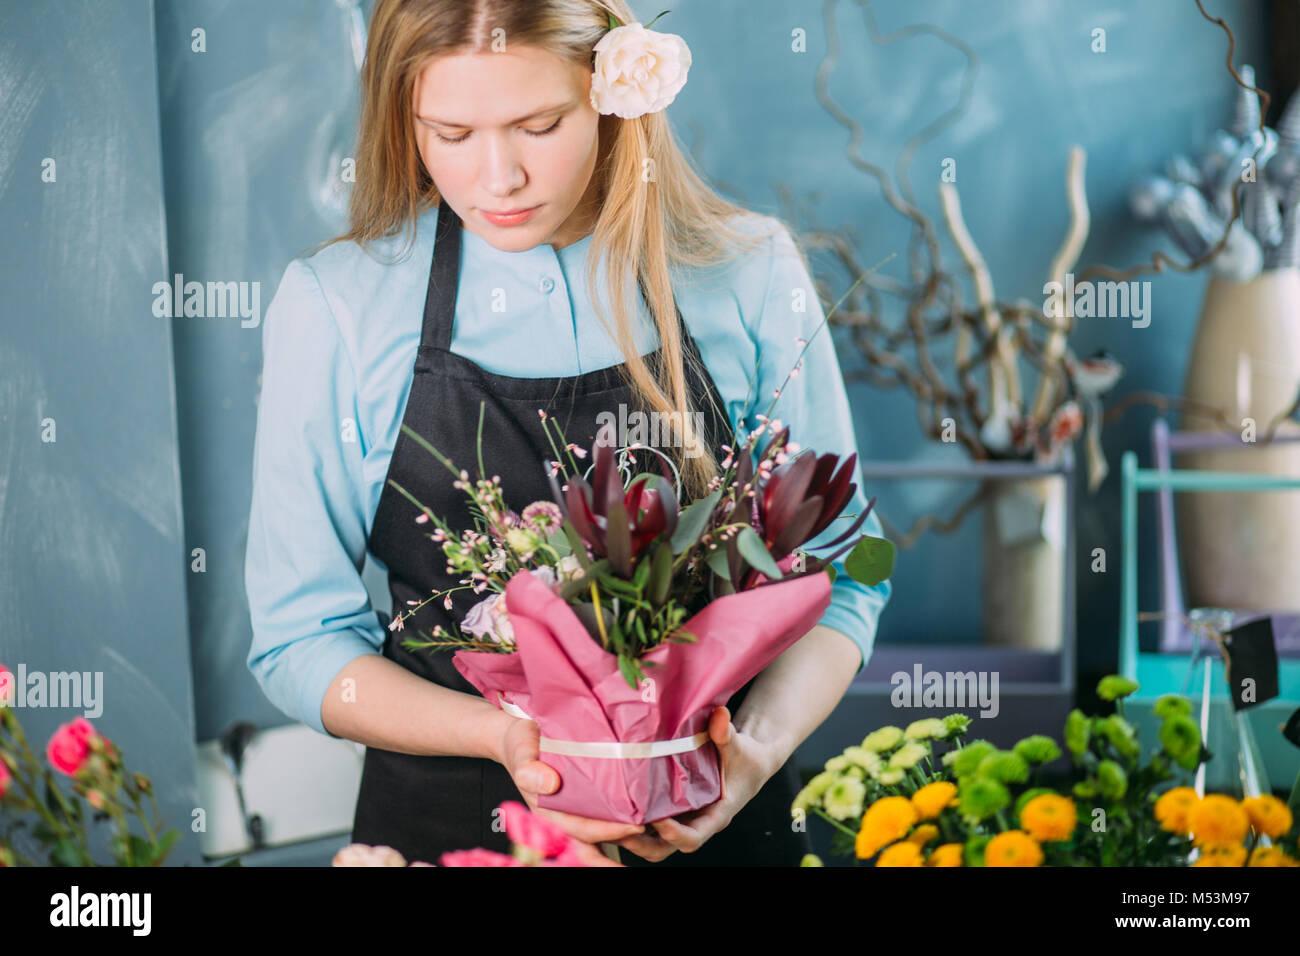 Displasing jeune fleuriste fleurs sur fond bleu Banque D'Images